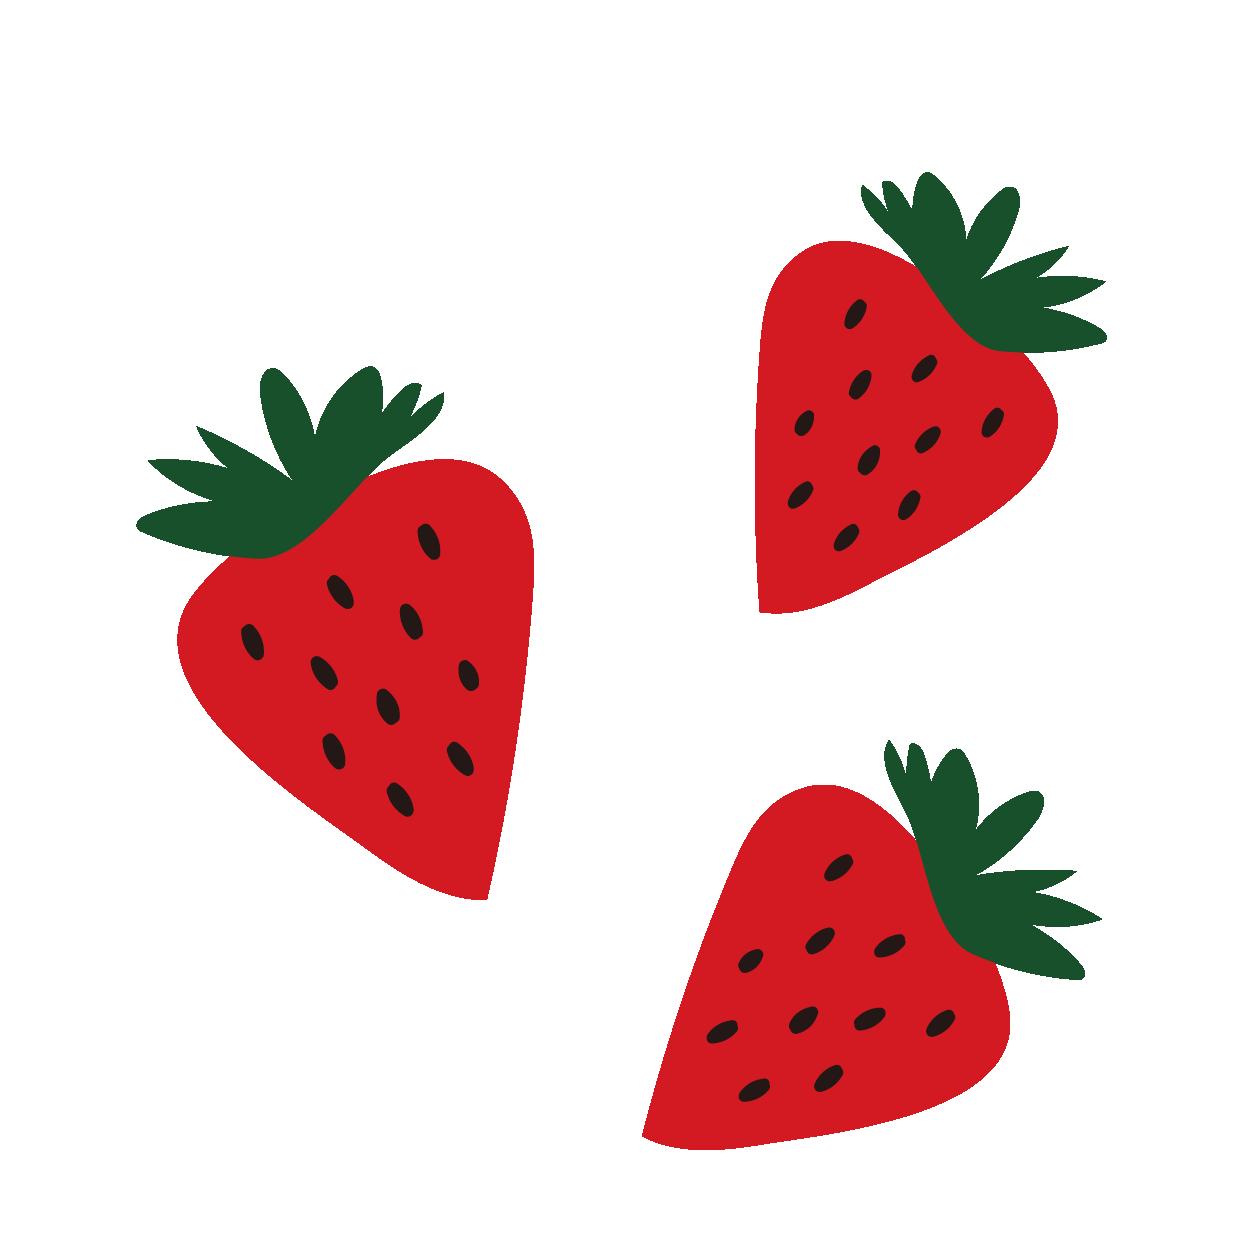 苺イチゴいちごのイラストフルーツ果物 商用フリー無料